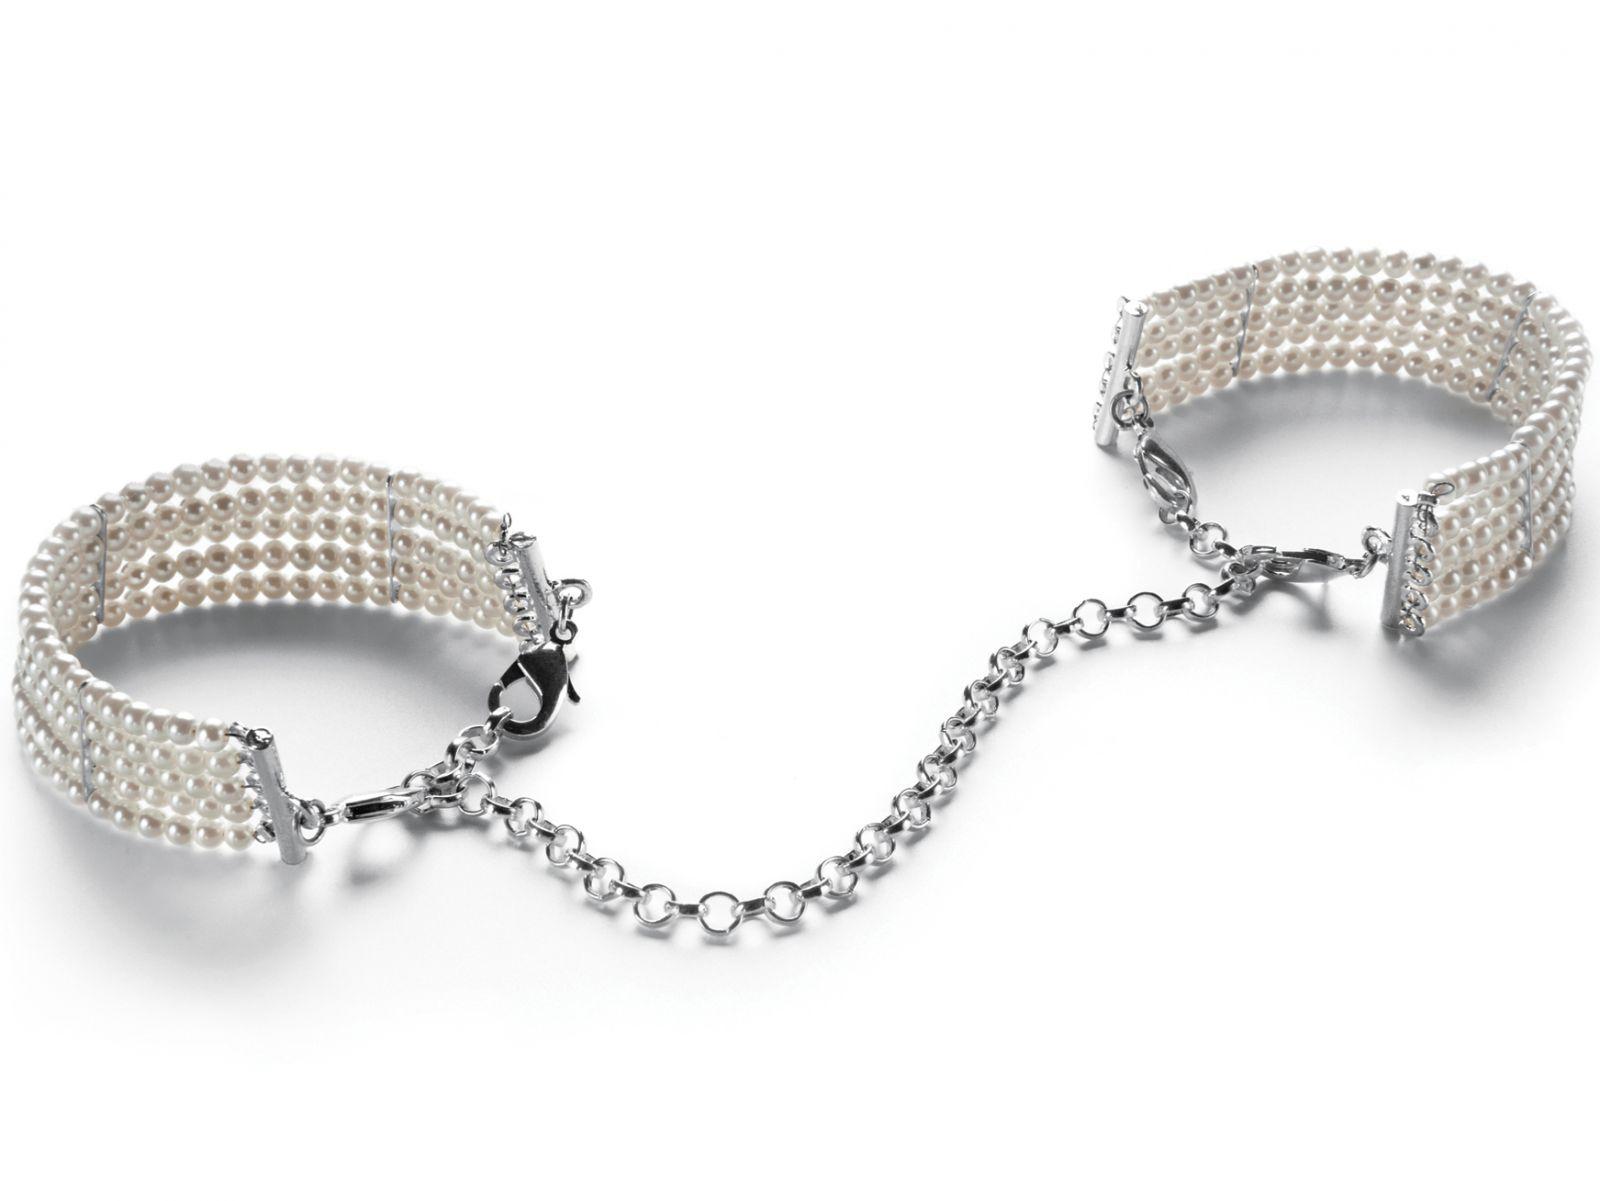 Perlové náramky - pouta, bílé